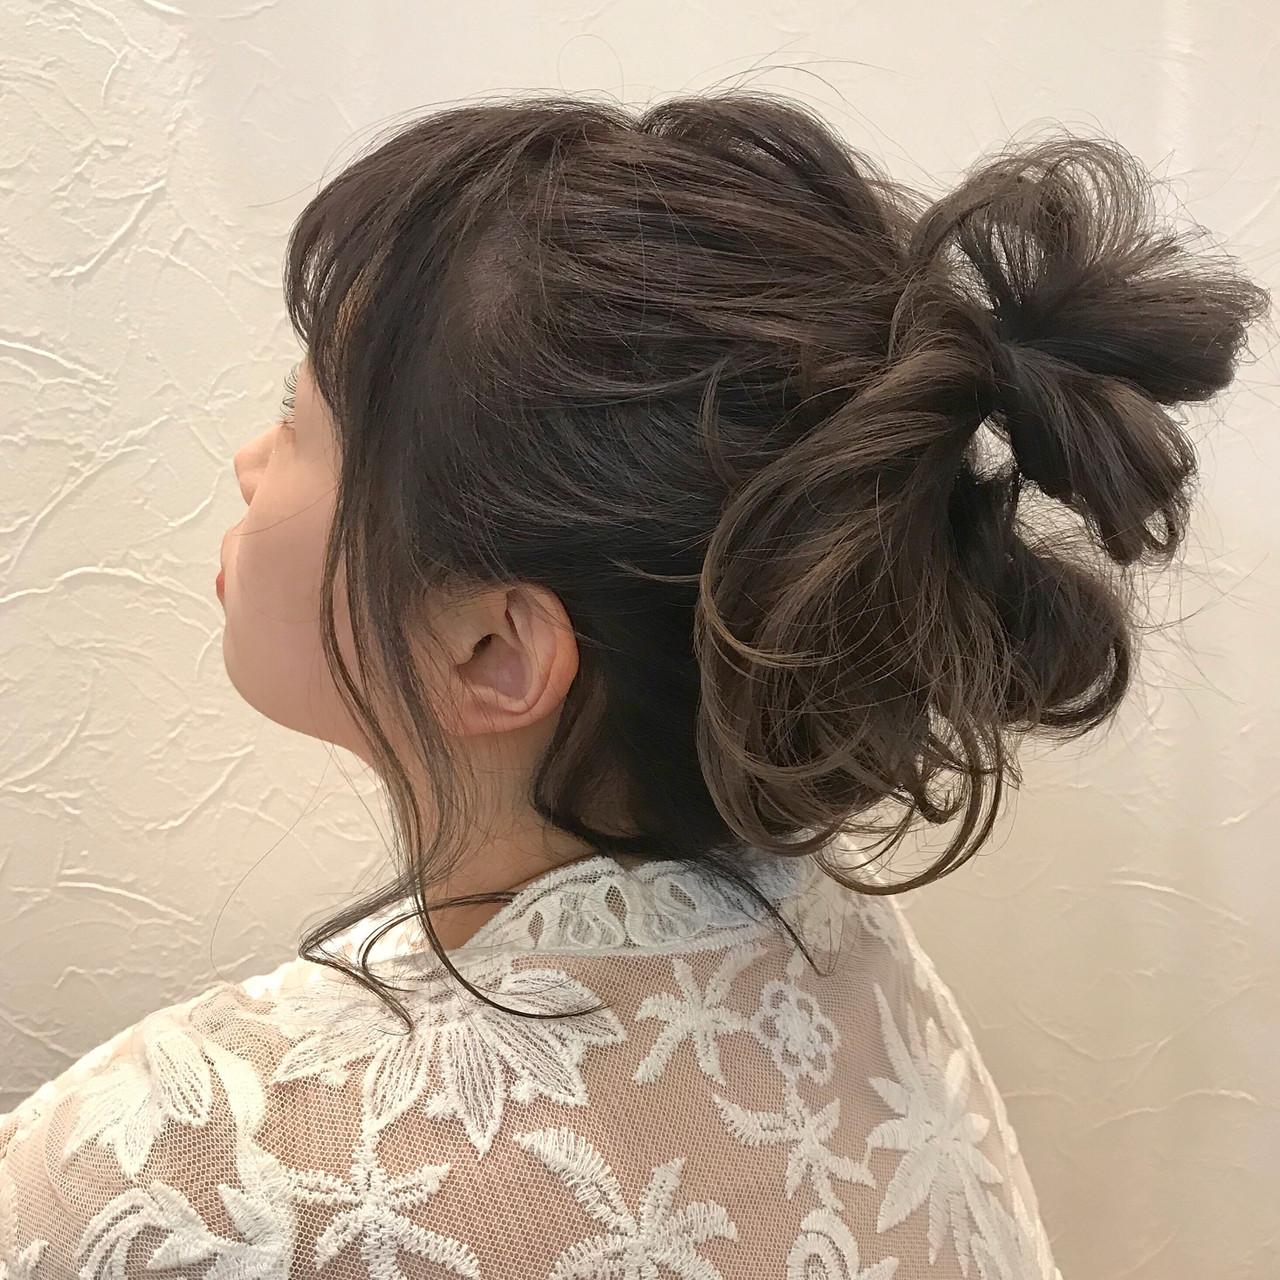 ヘアアレンジ ラフ おだんご 簡単ヘアアレンジ ヘアスタイルや髪型の写真・画像 | Nakamura Mari / rocca